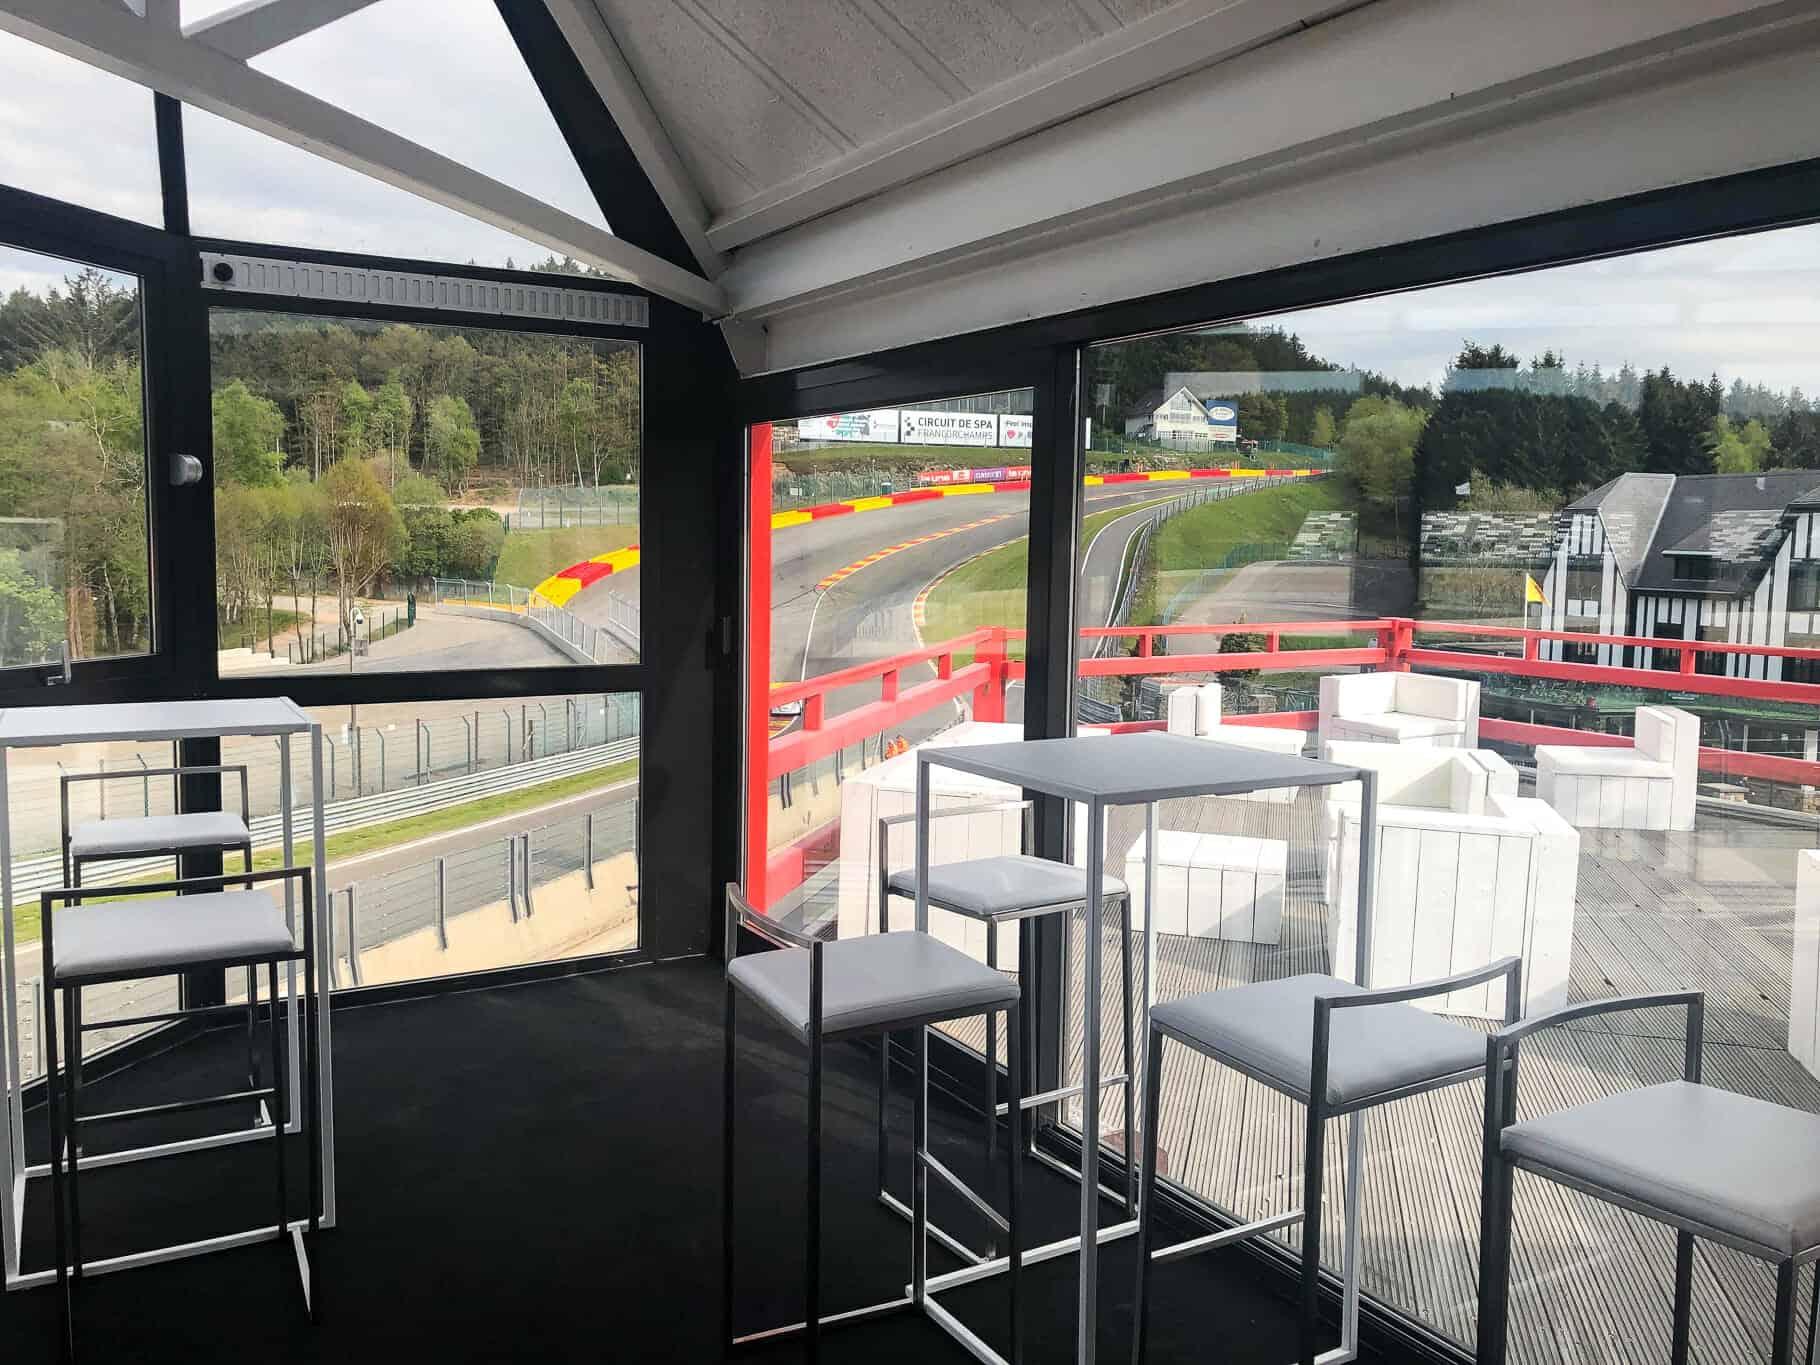 Aménagement des espaces pour les Spa-Classic 2019 réalisés par So Event